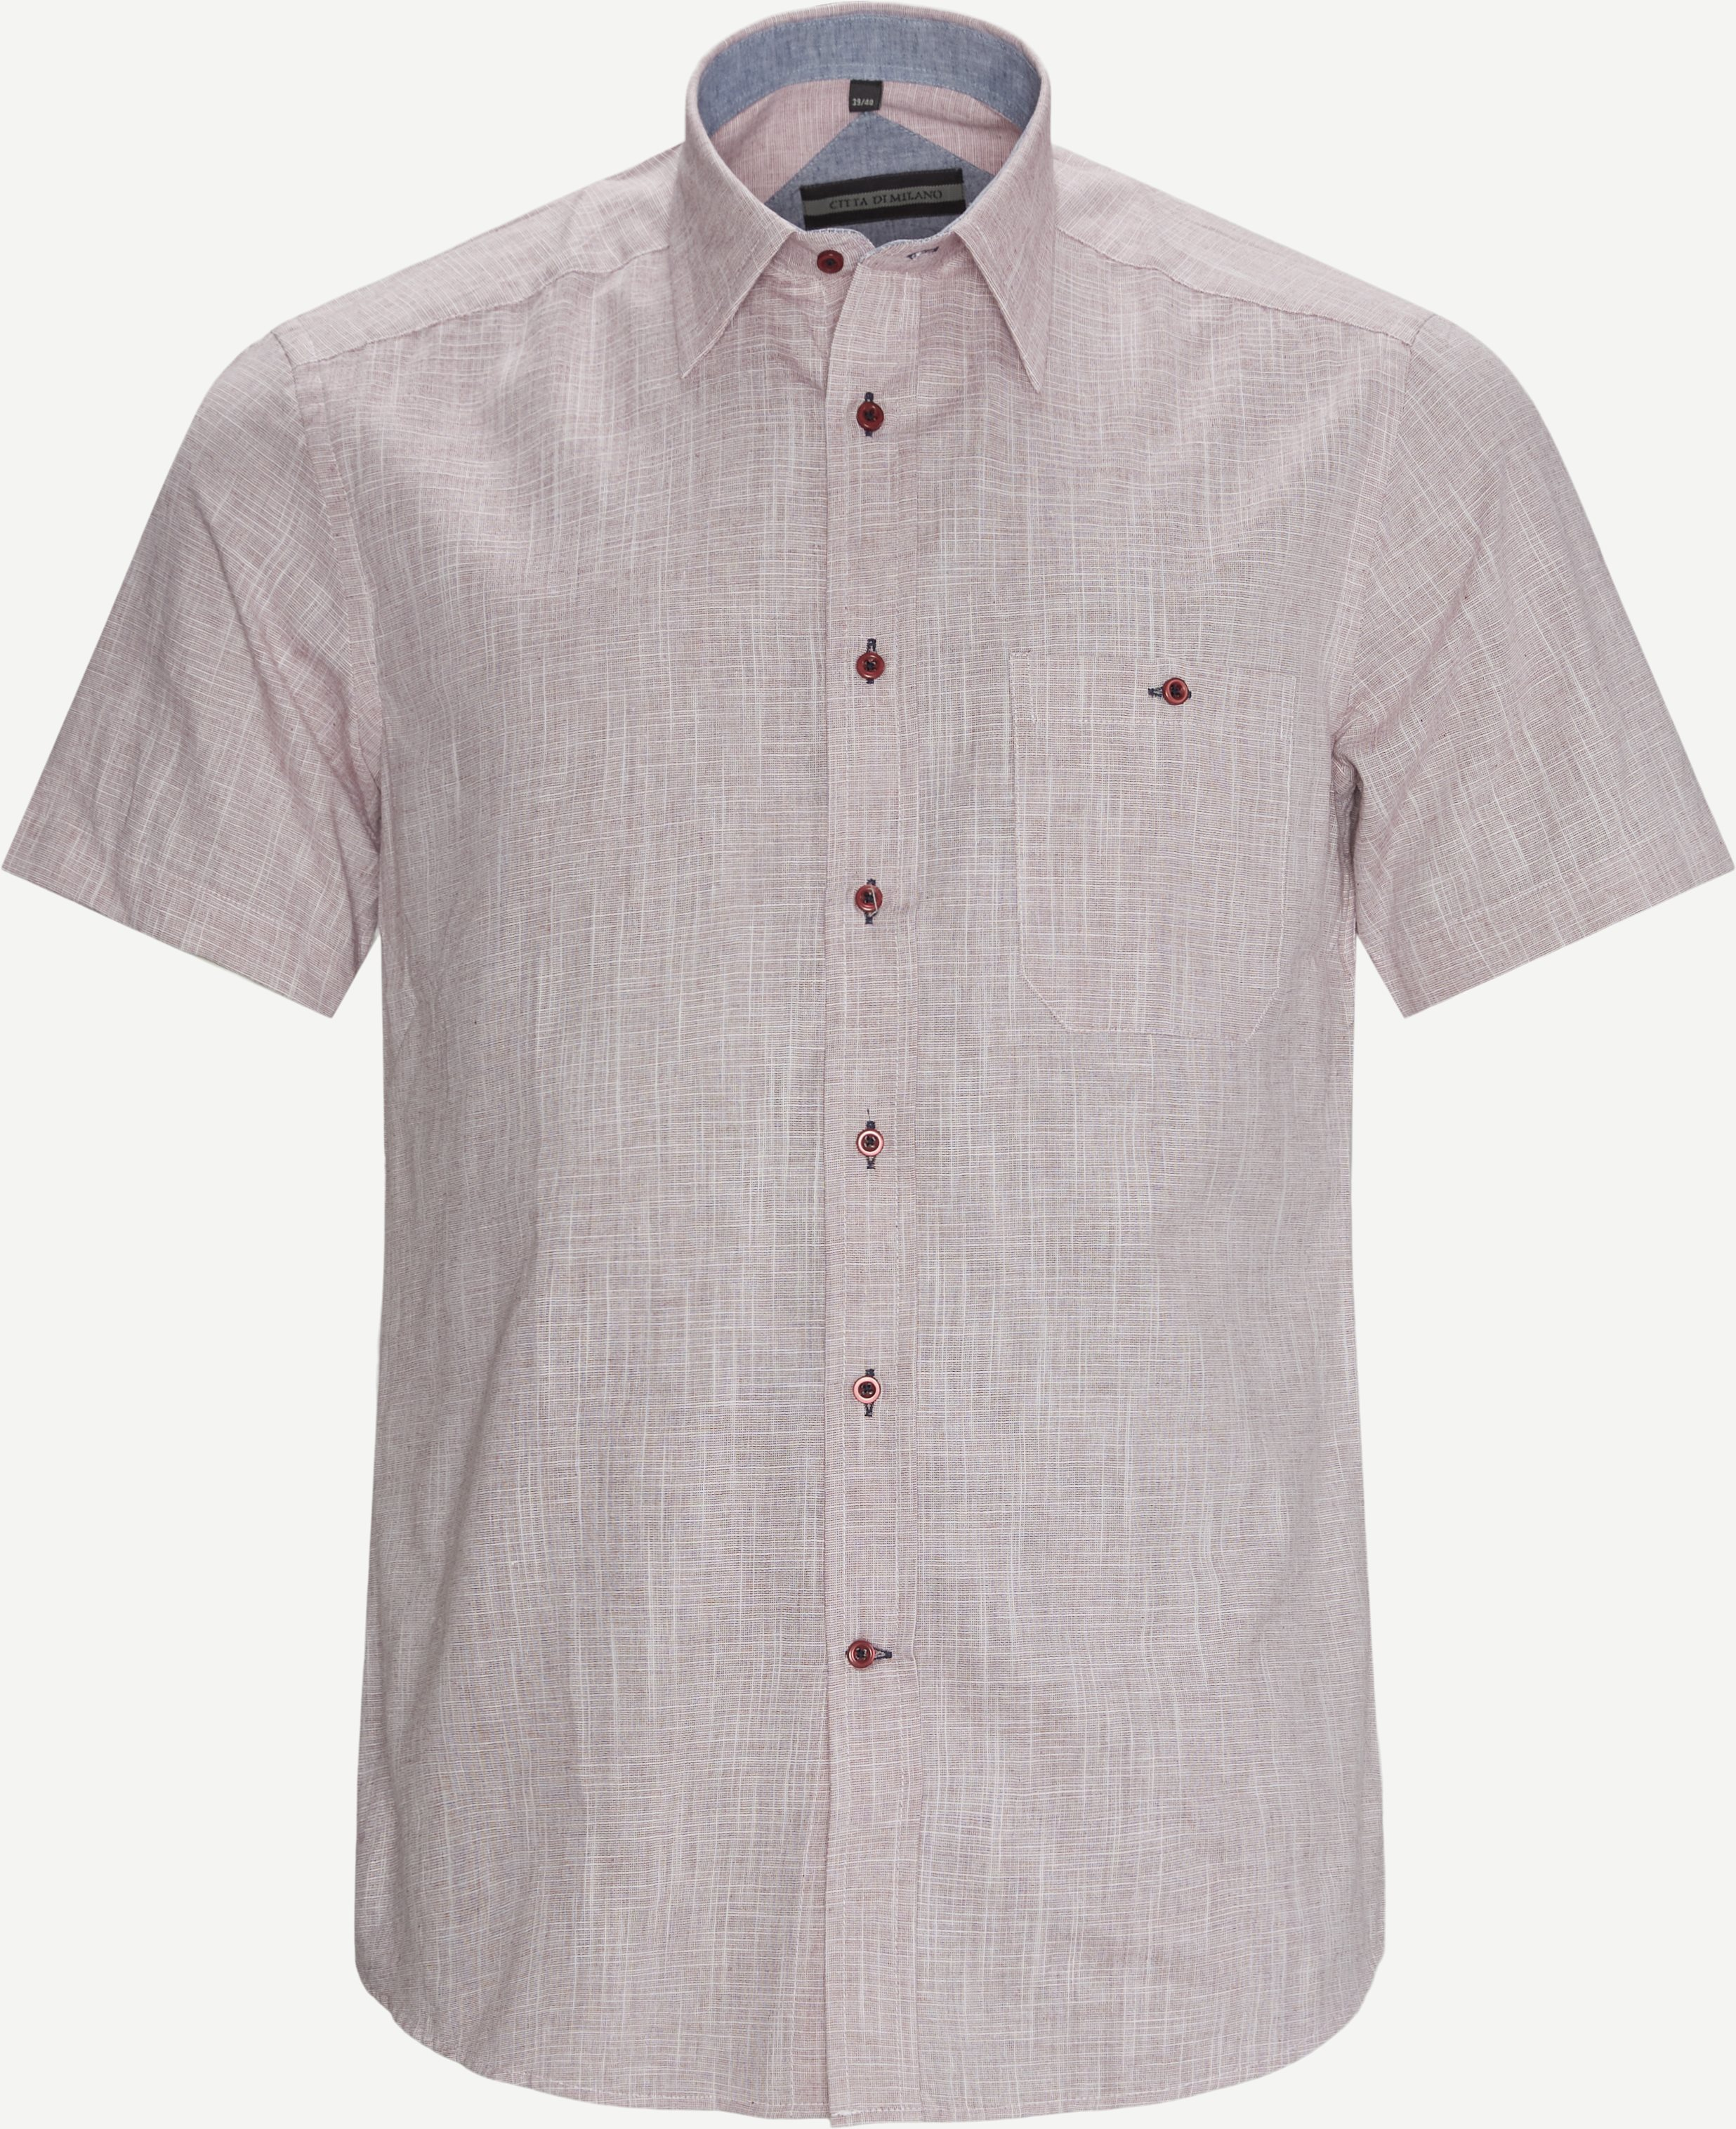 Kurzärmlige Hemden - Regular fit - Rot